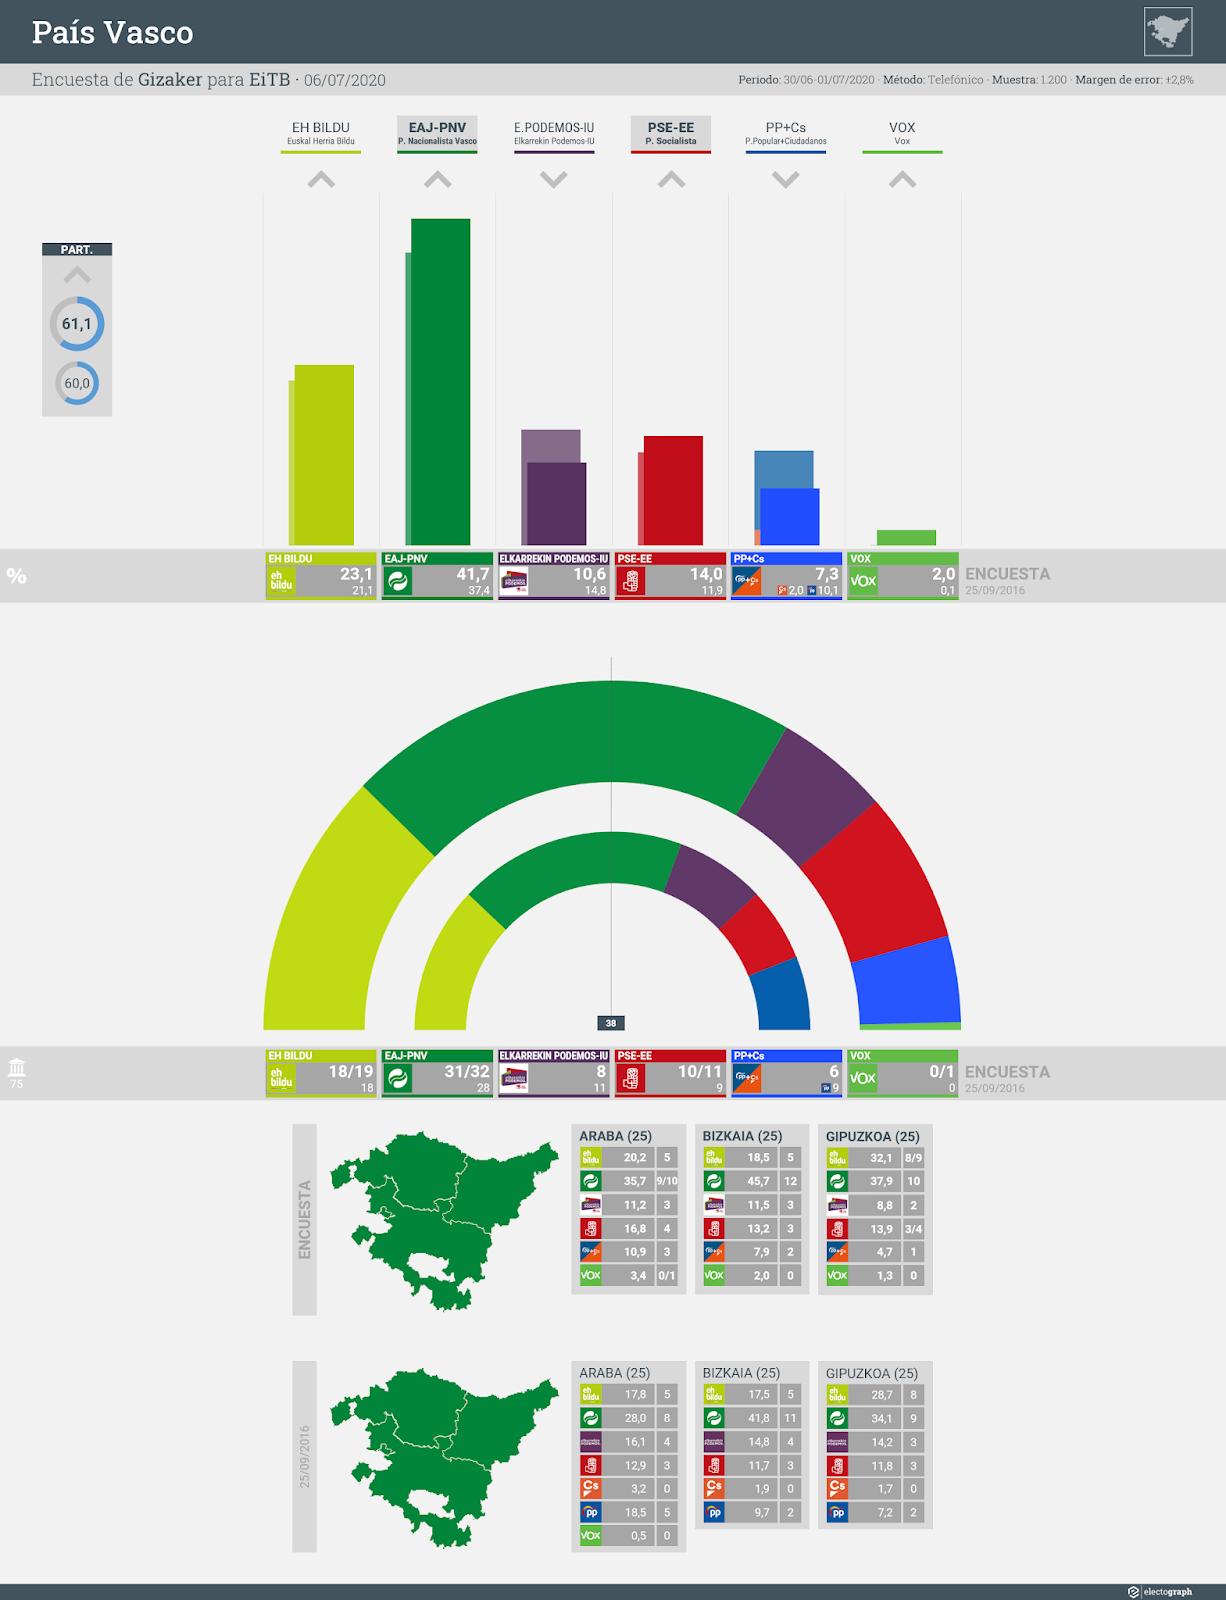 Gráfico de la encuesta para elecciones autonómicas en el País Vasco realizada por Gizaker para EiTB, 6 de julio de 2020